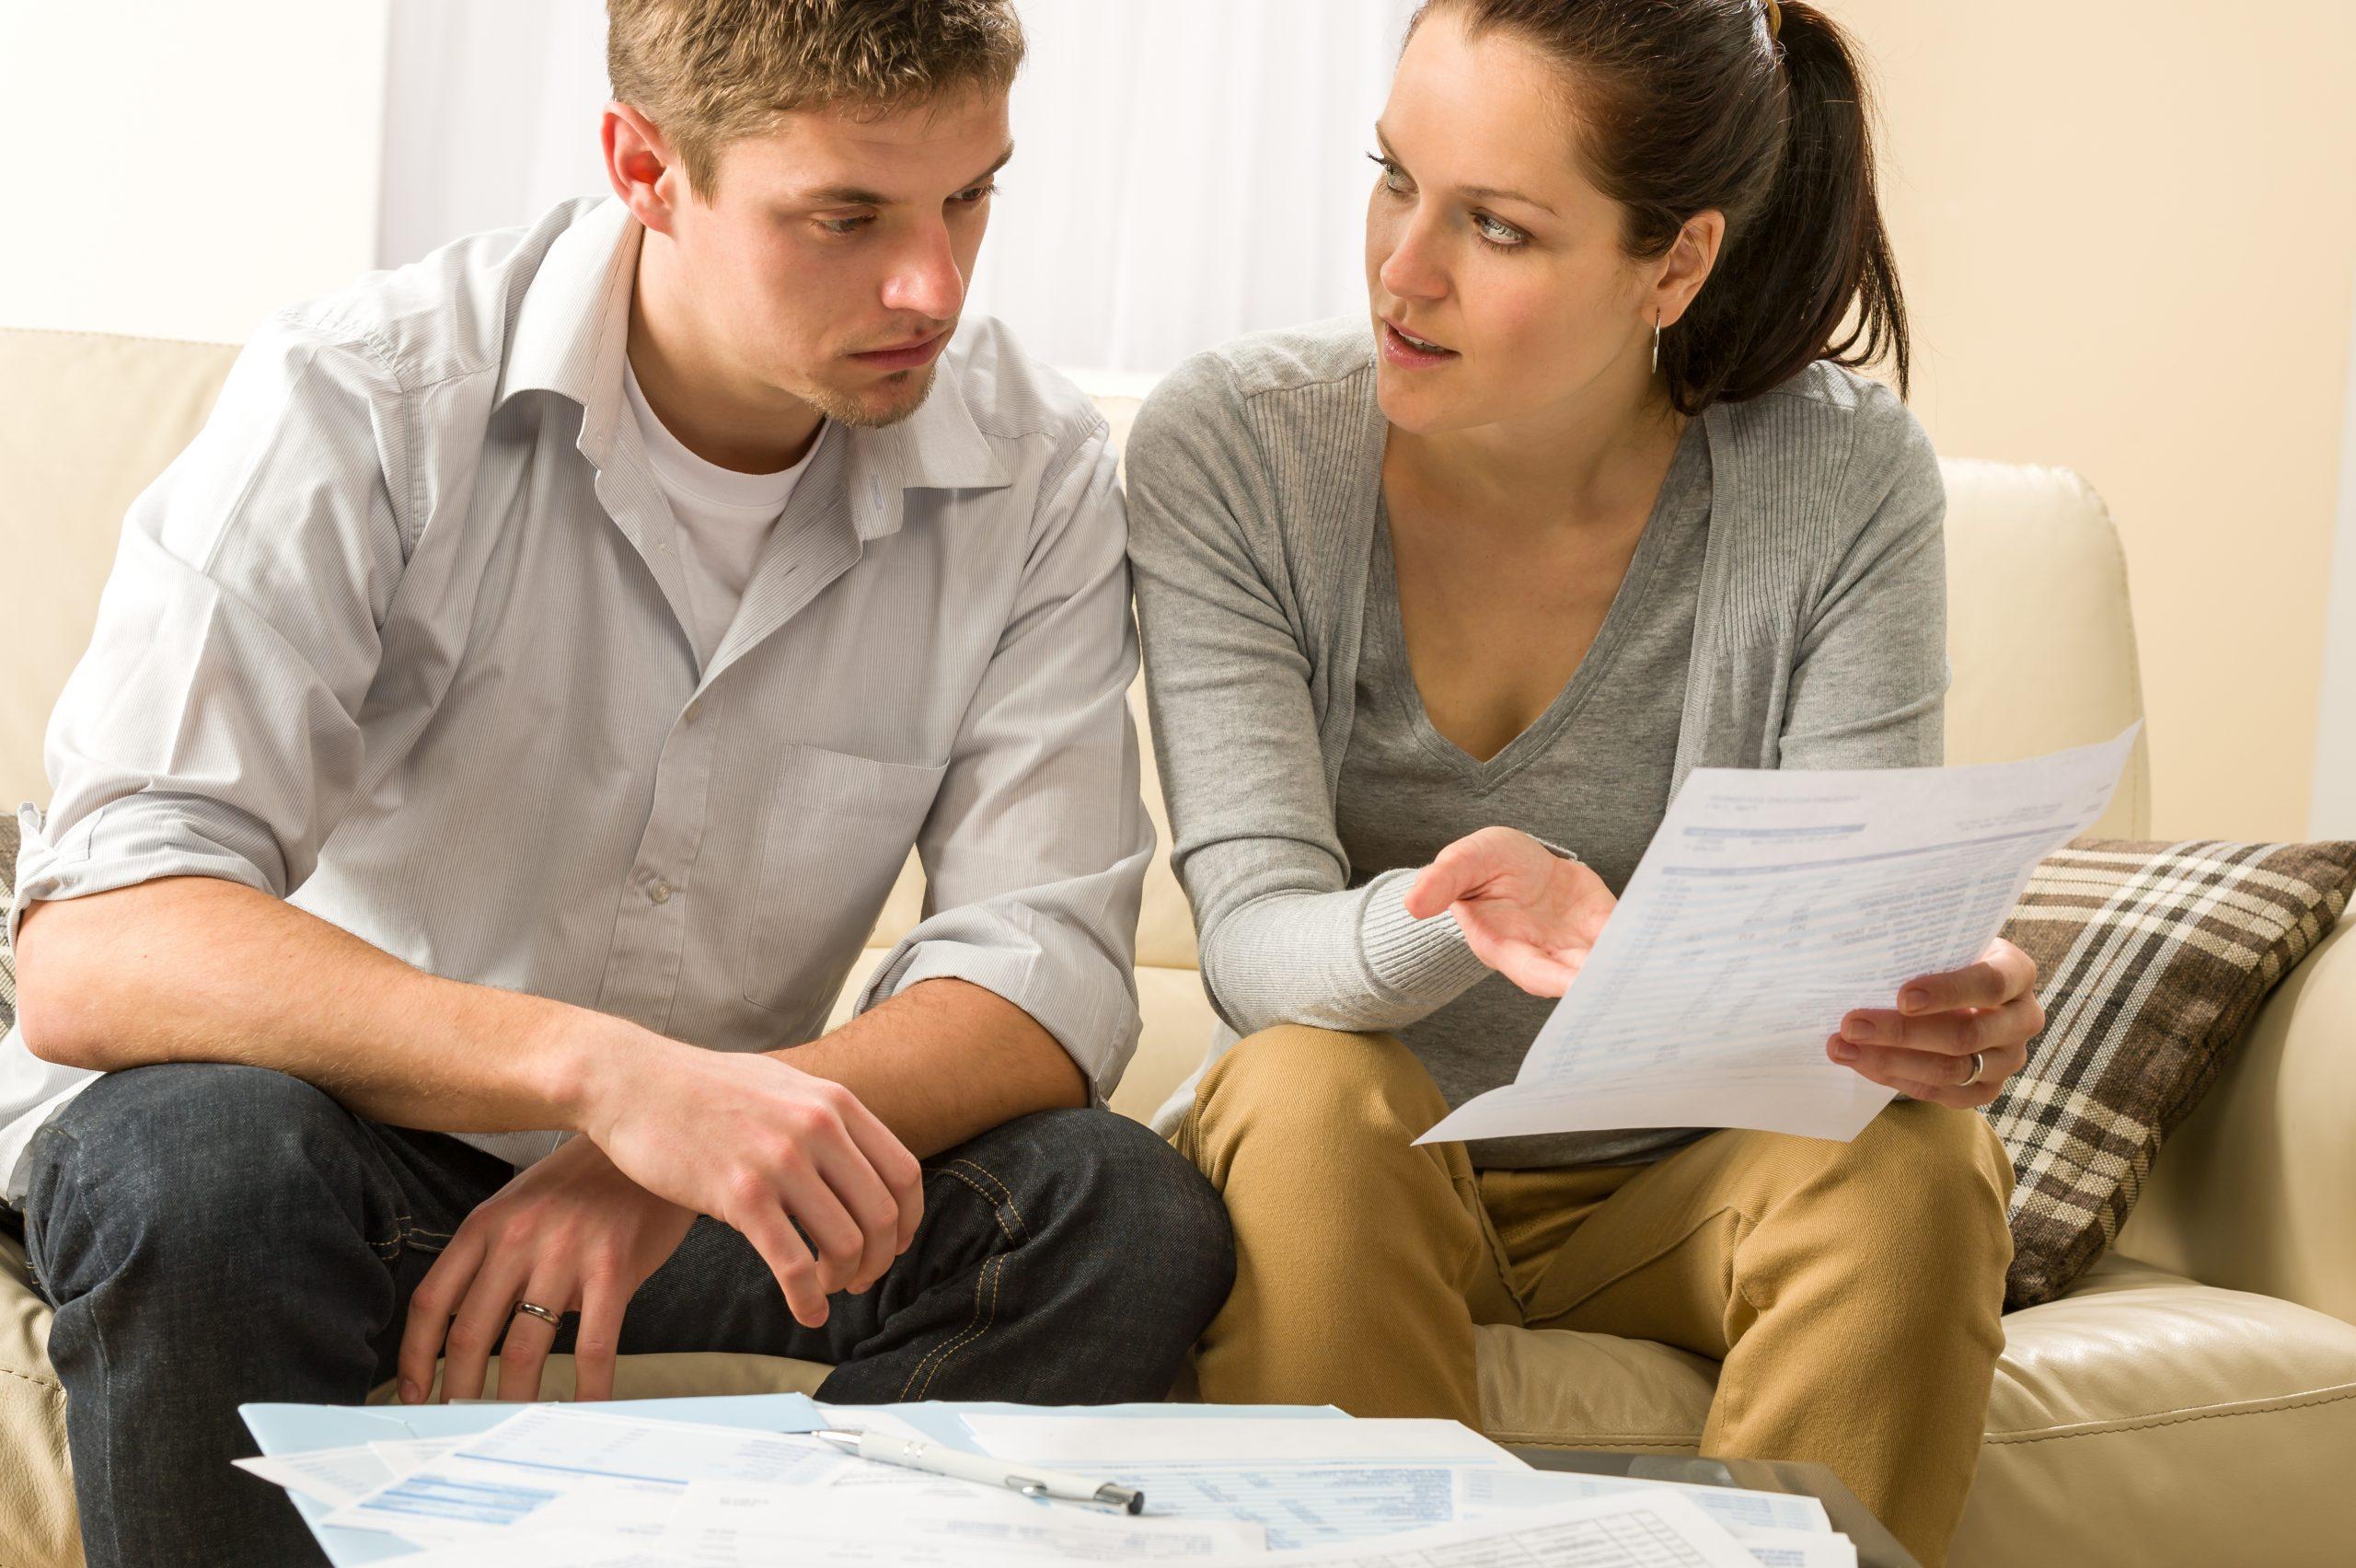 Kredyt gotówkowy bez prowizji, ale z ubezpieczeniem? Kiedy to się opłaca